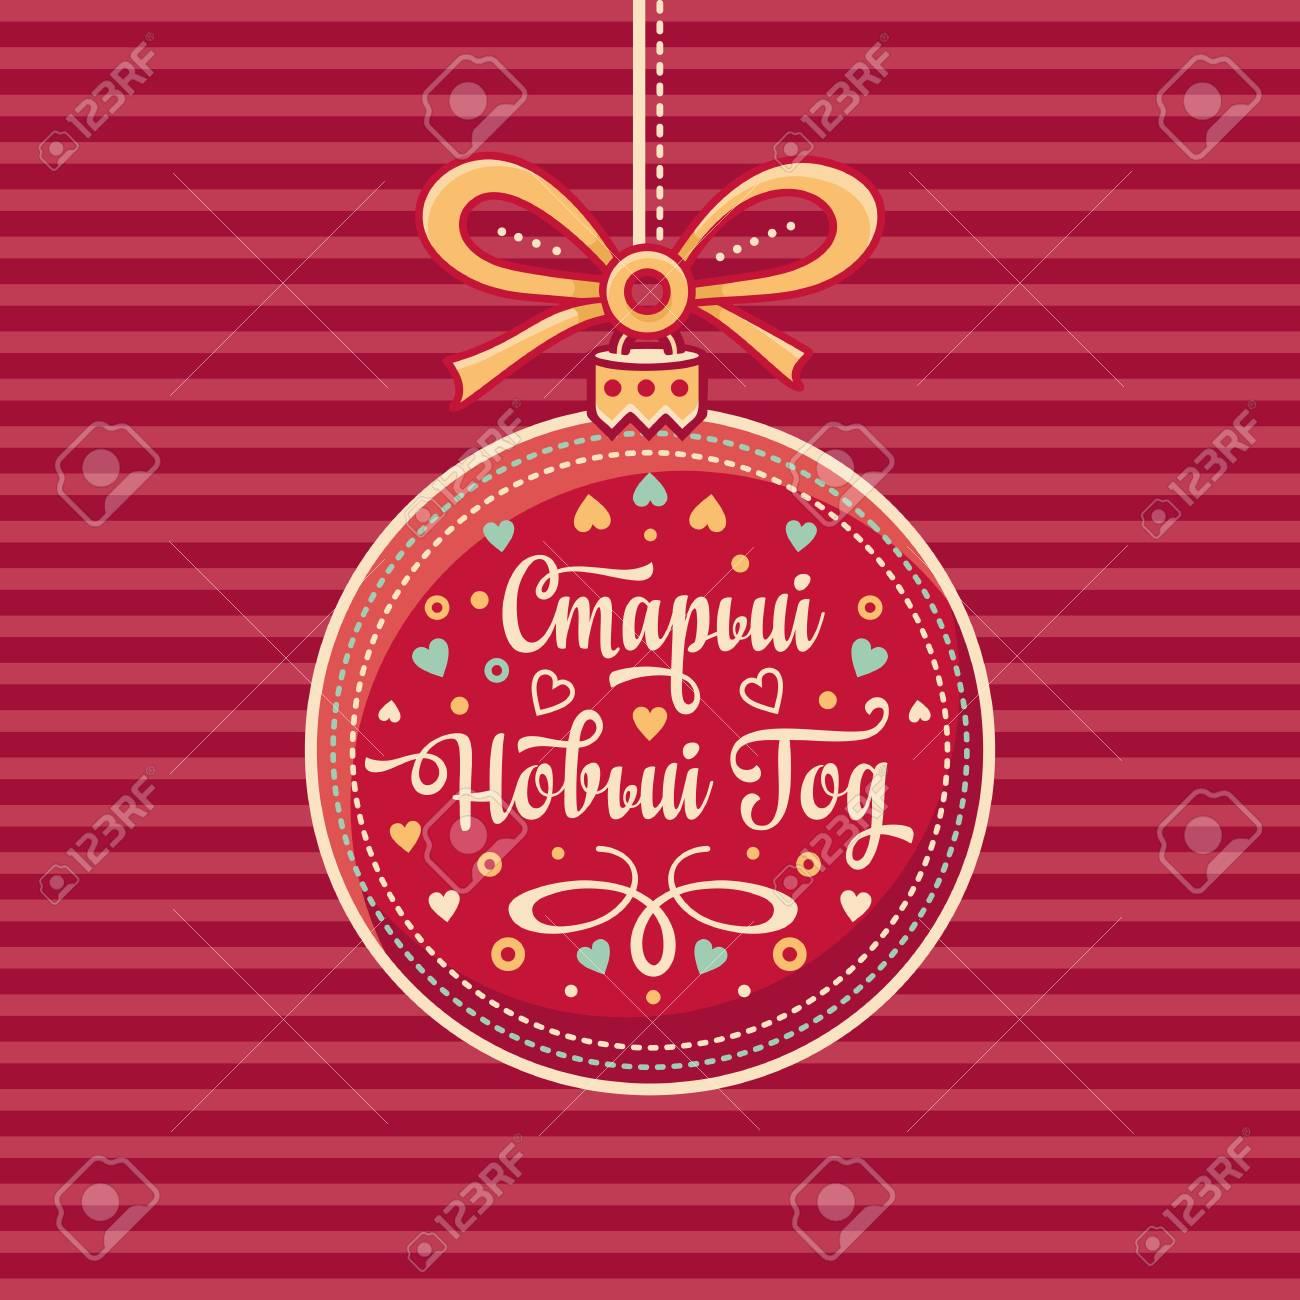 Frohes Neues Jahr Grußkarte. Russischer Feiertag ...